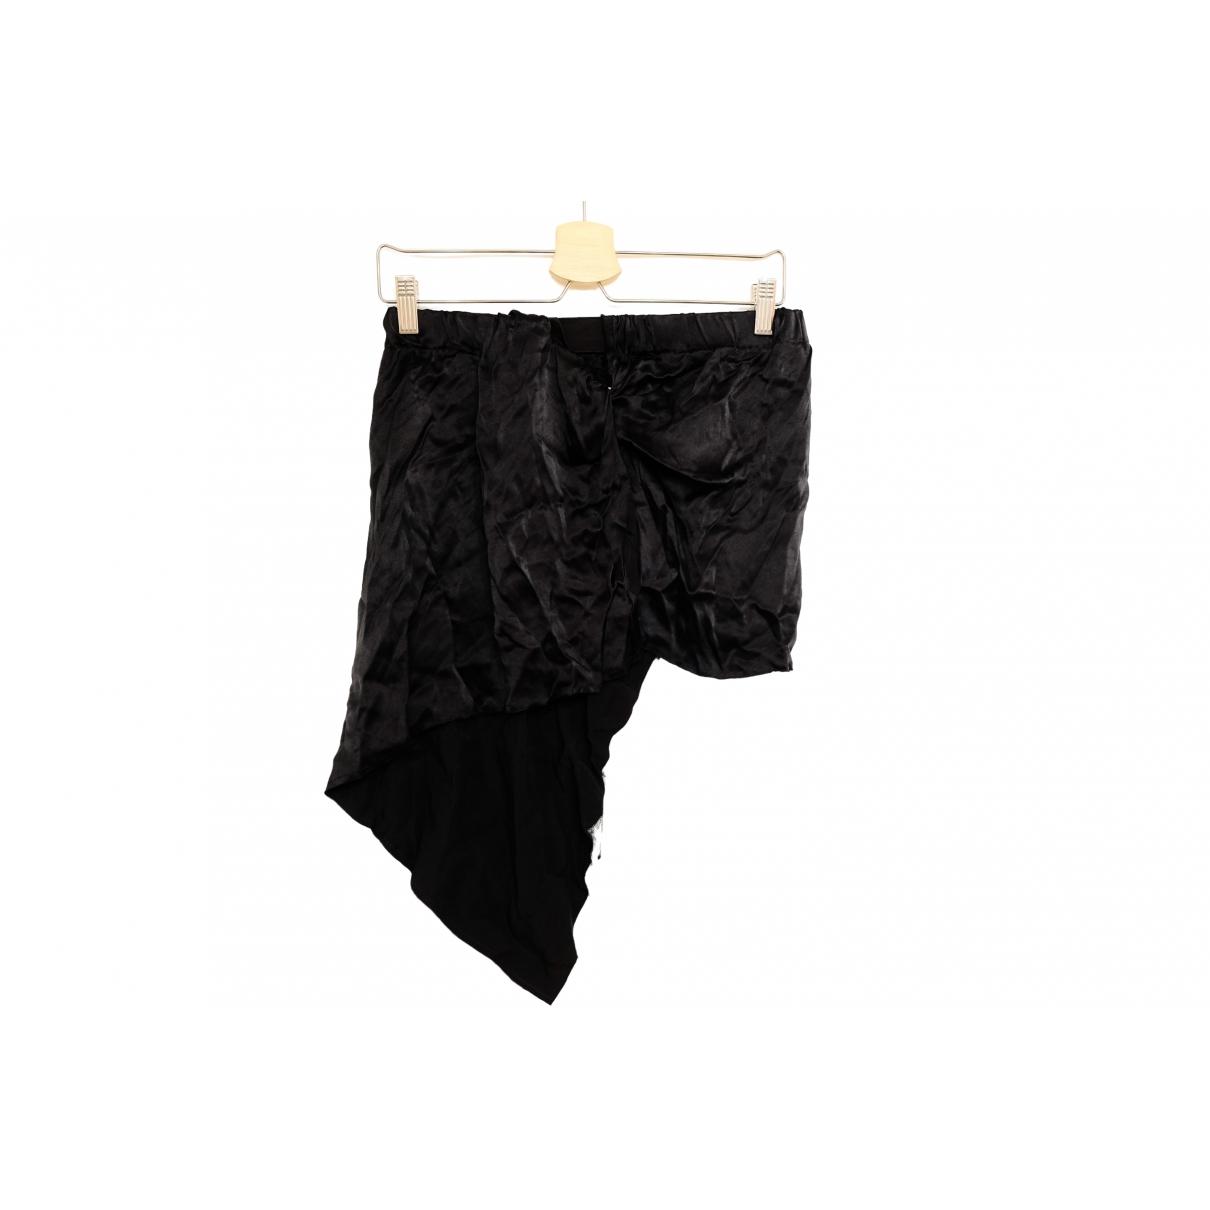 Maison Martin Margiela \N Black Silk skirt for Women S International